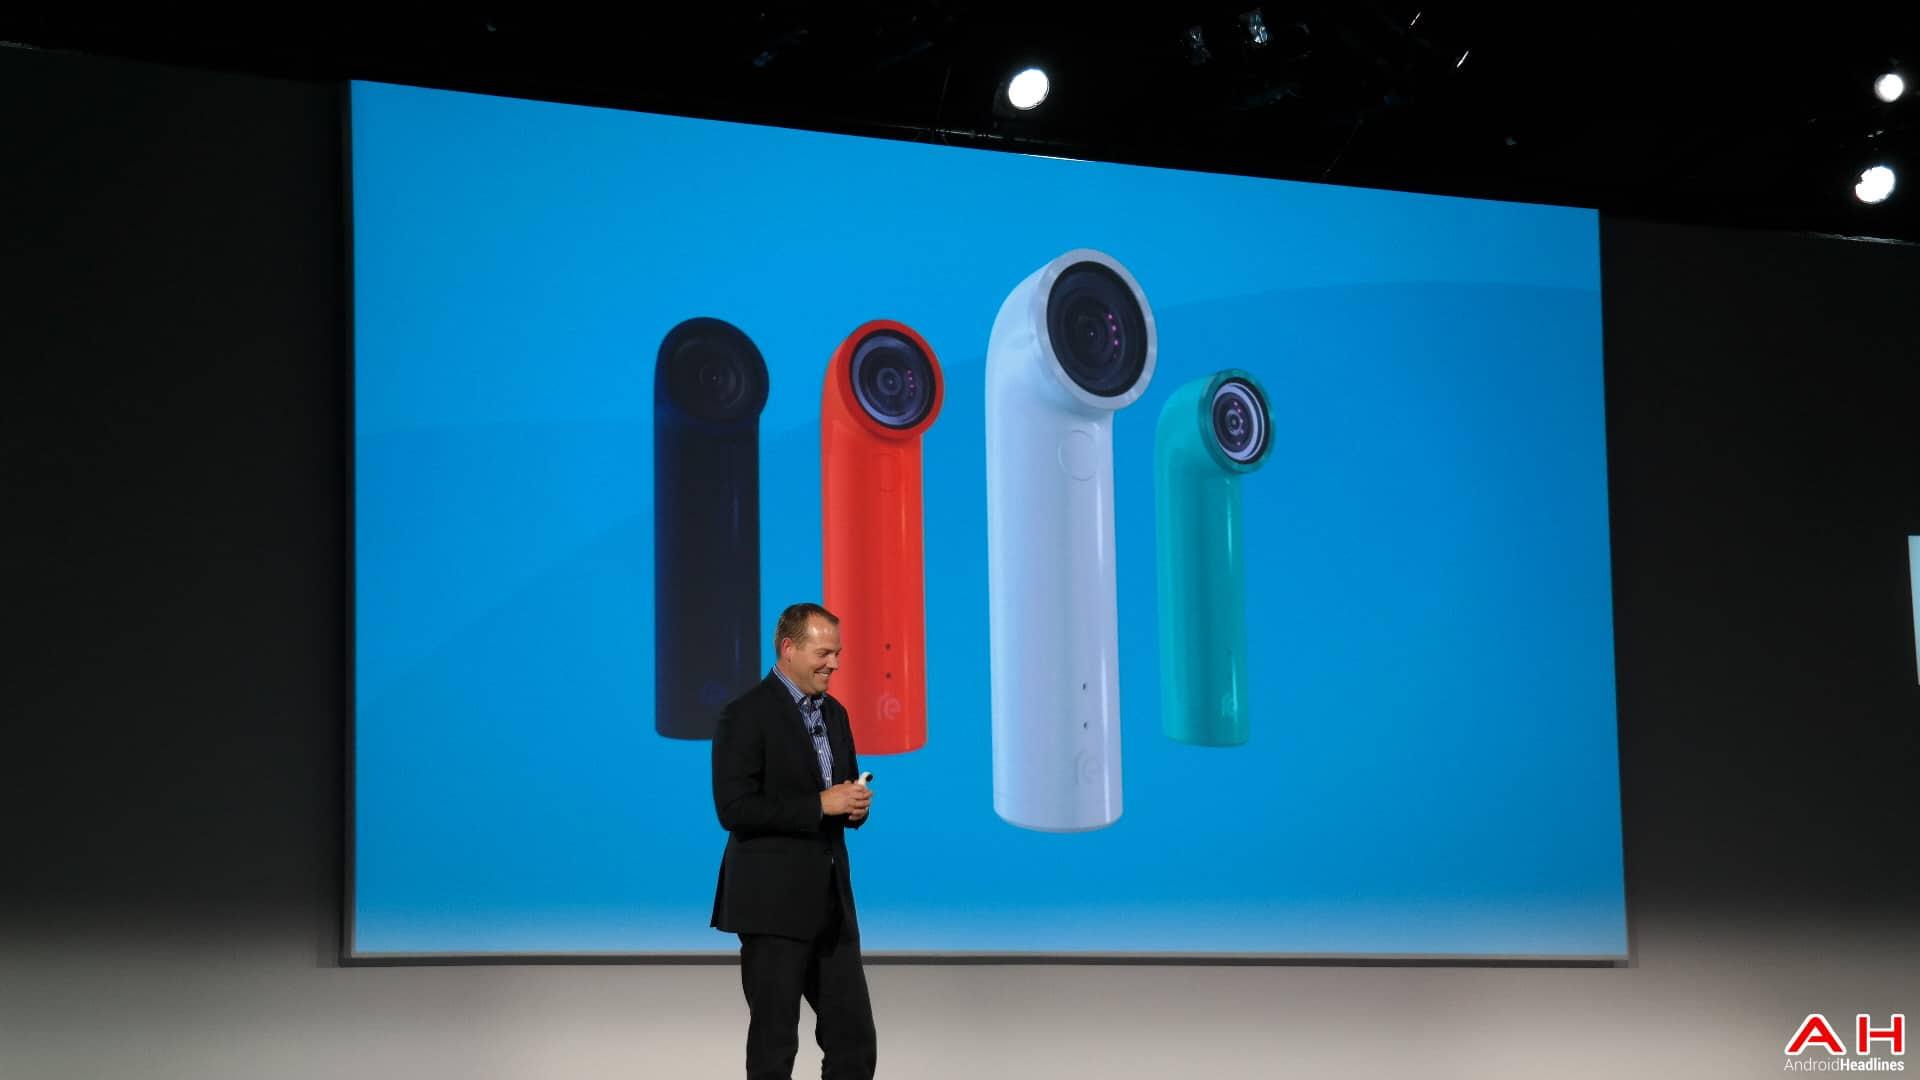 AH HTC Event 35 macenzie RE